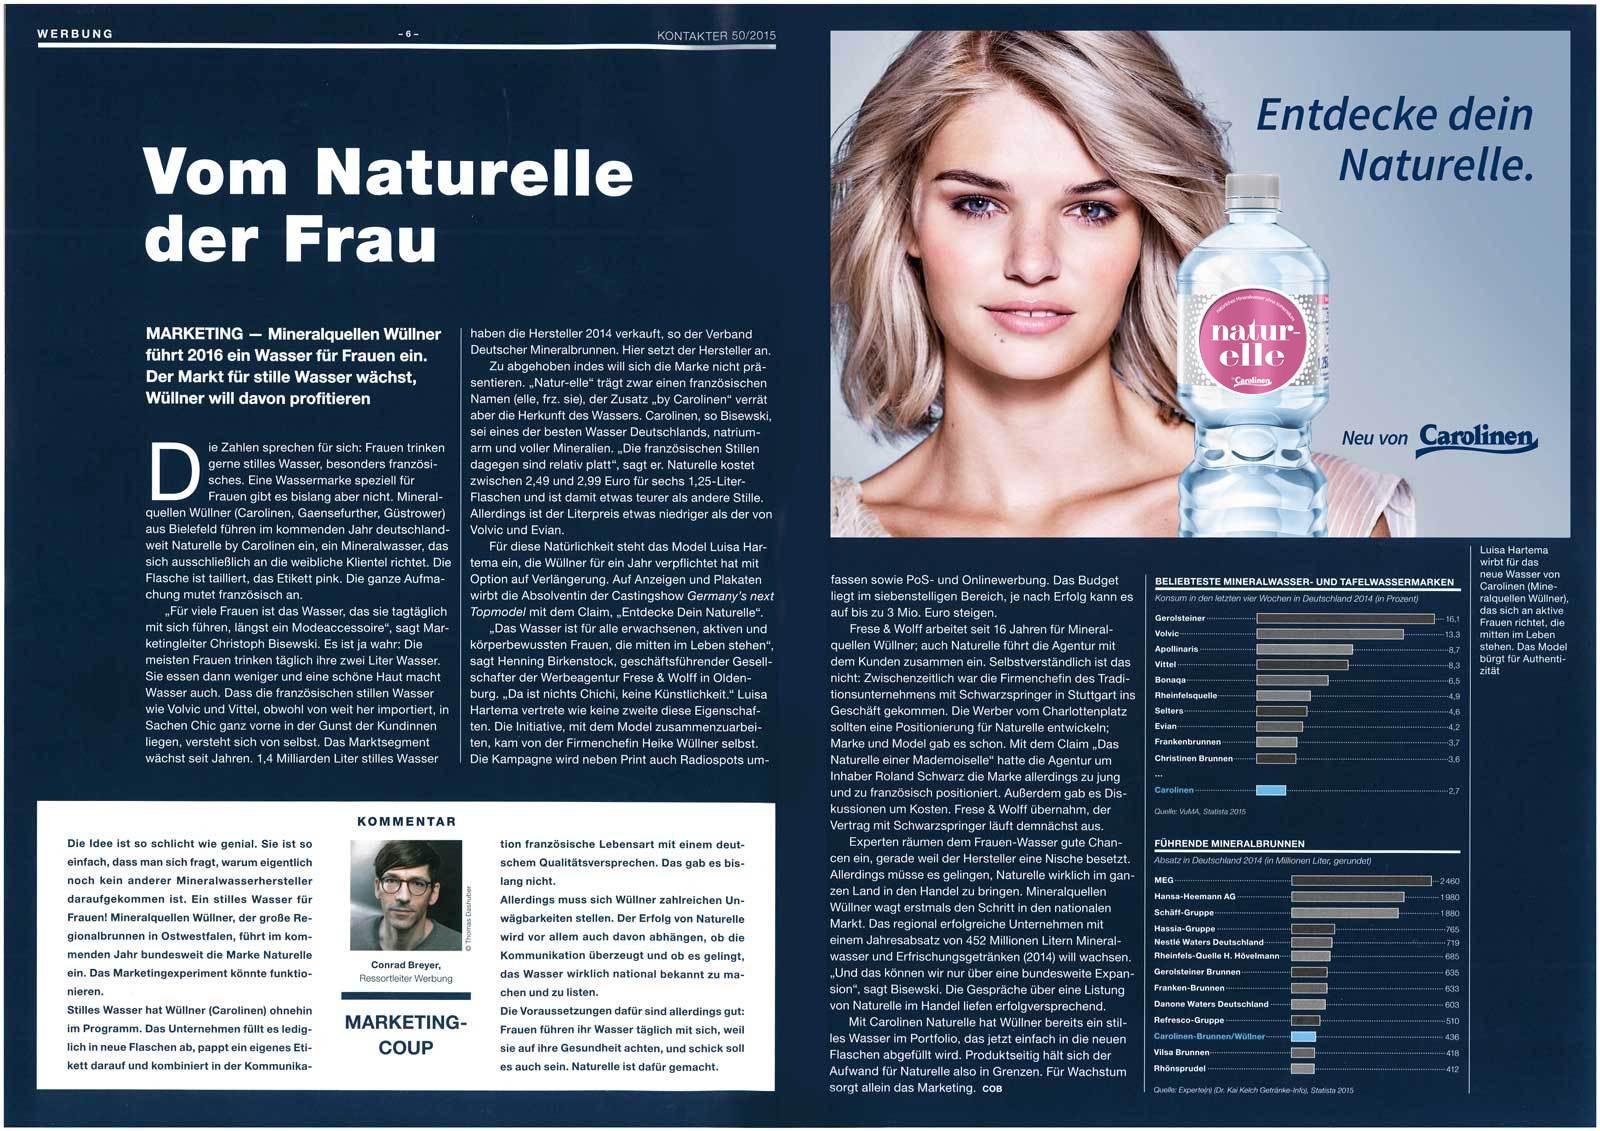 Der Kontakter Bericht über Naturelle-Werbung